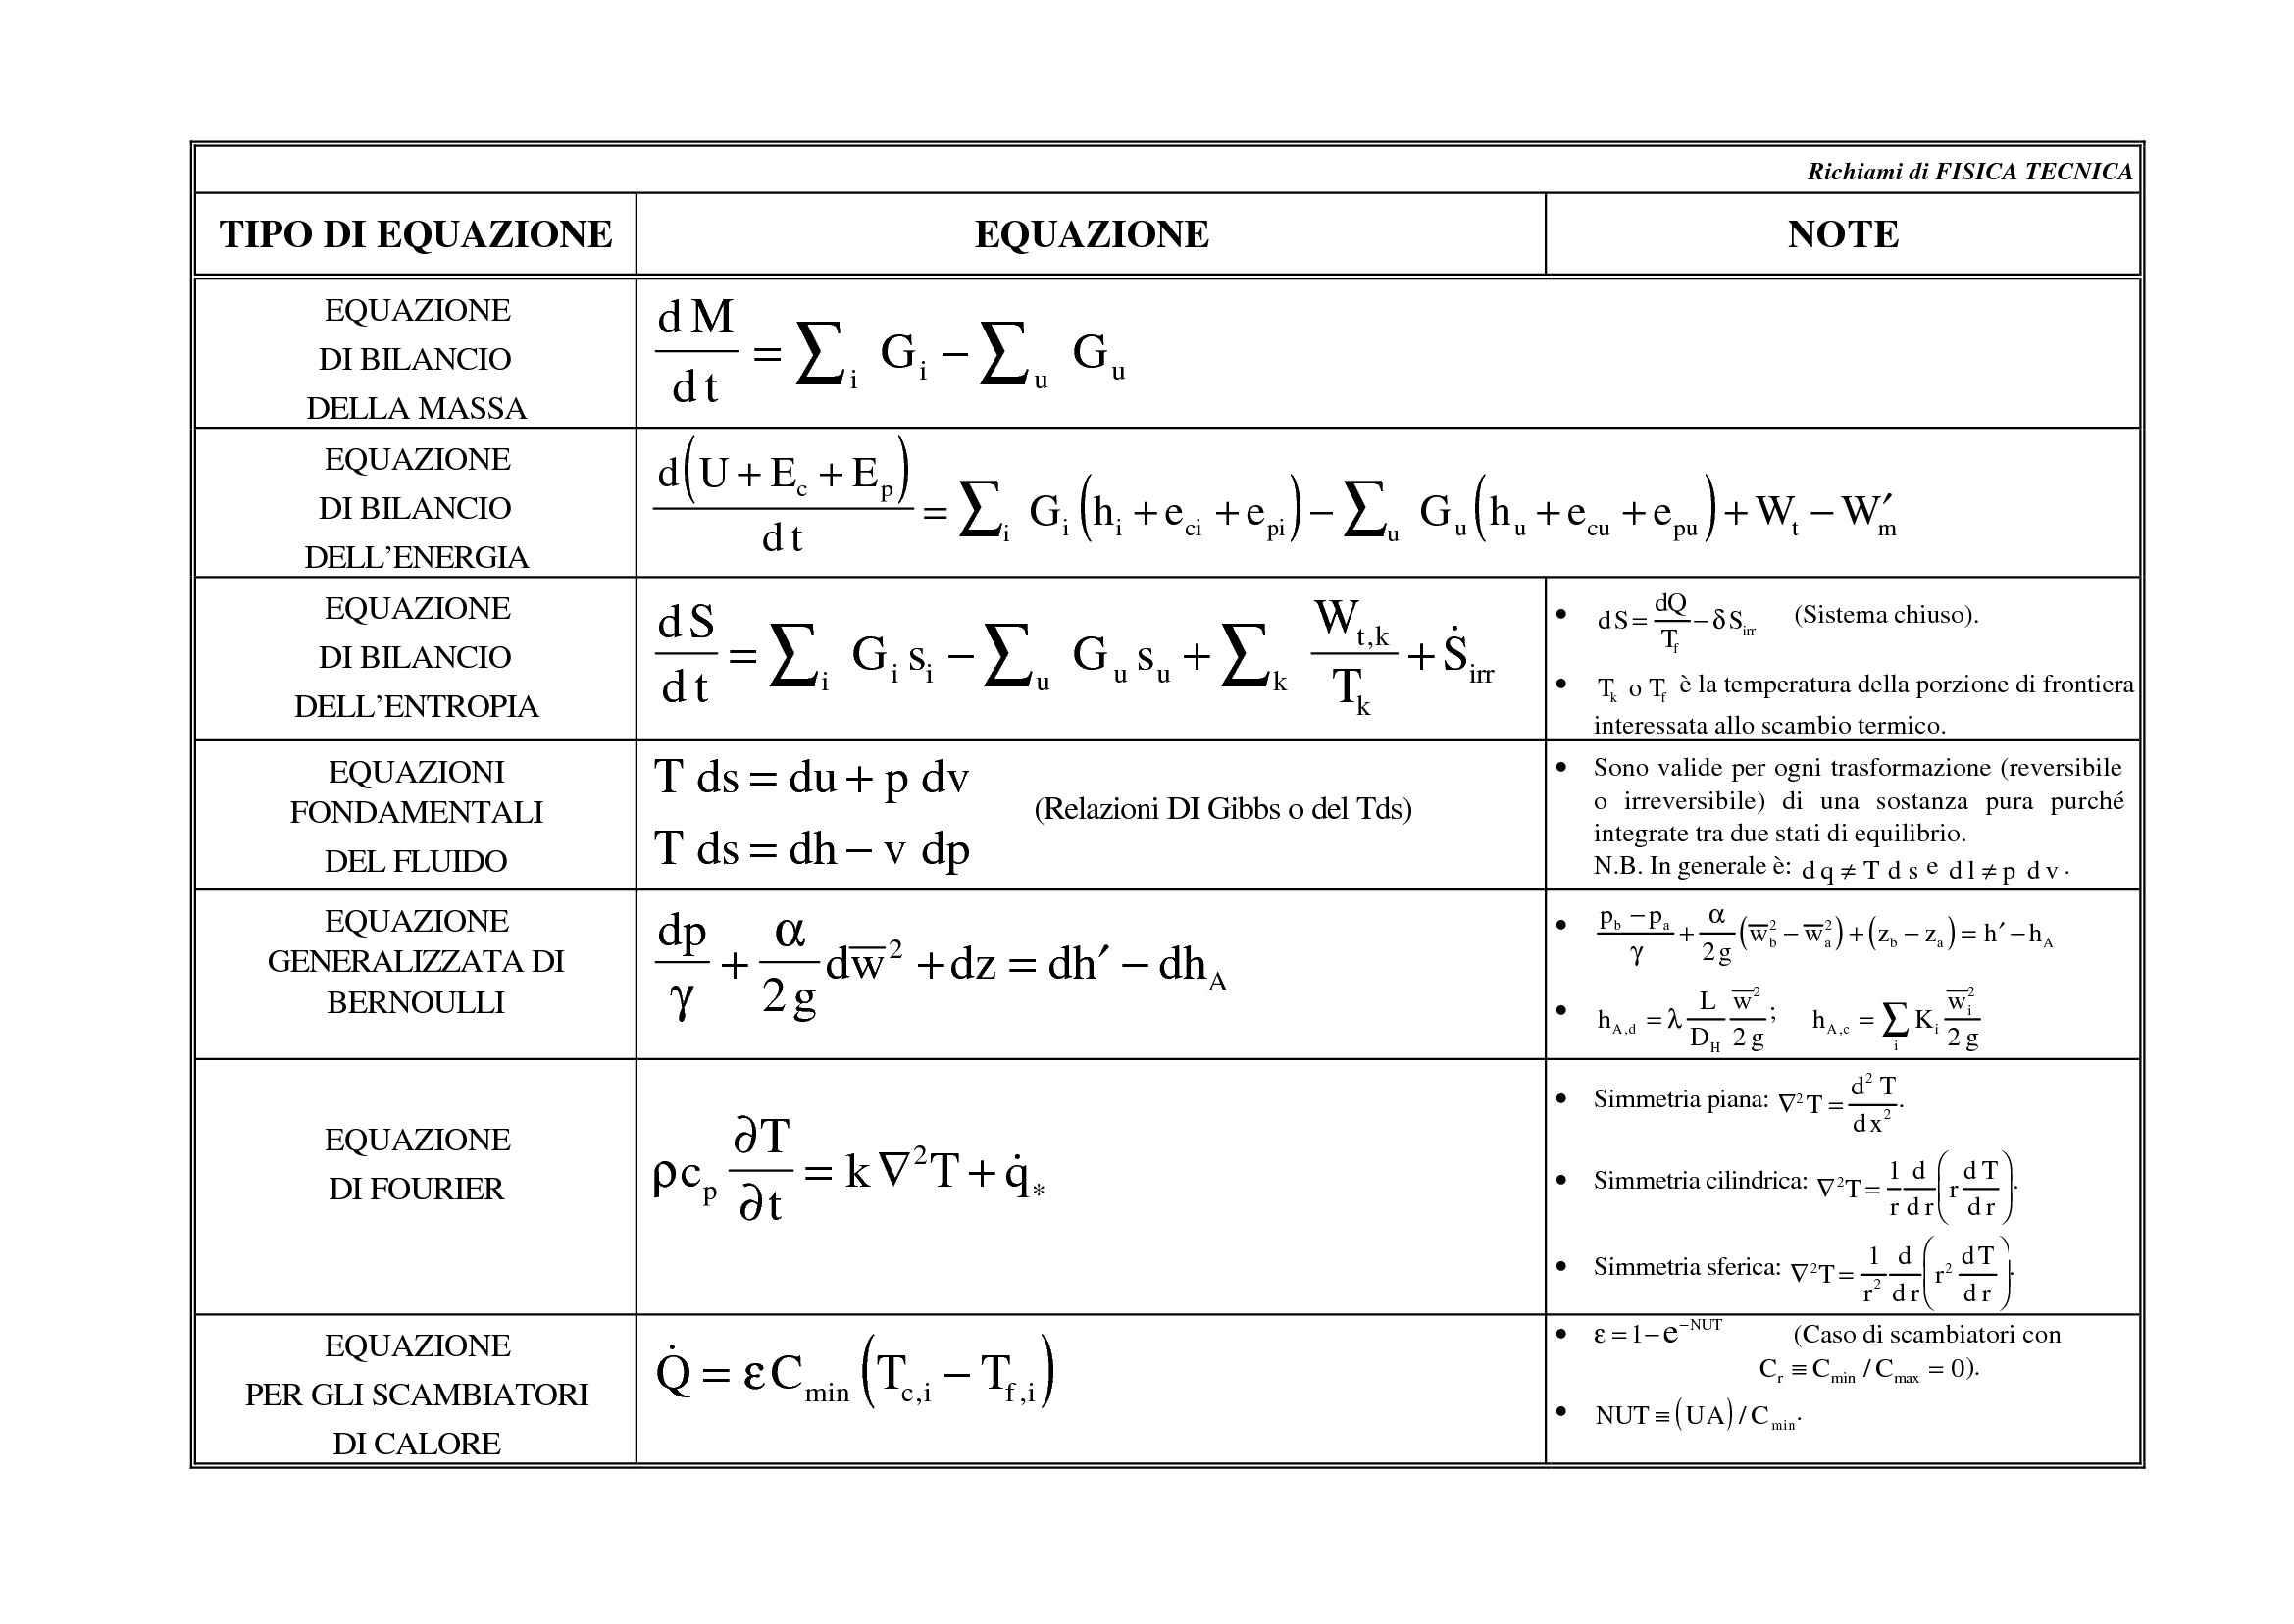 Equazioni di fisica tecnica - Schema suntivo